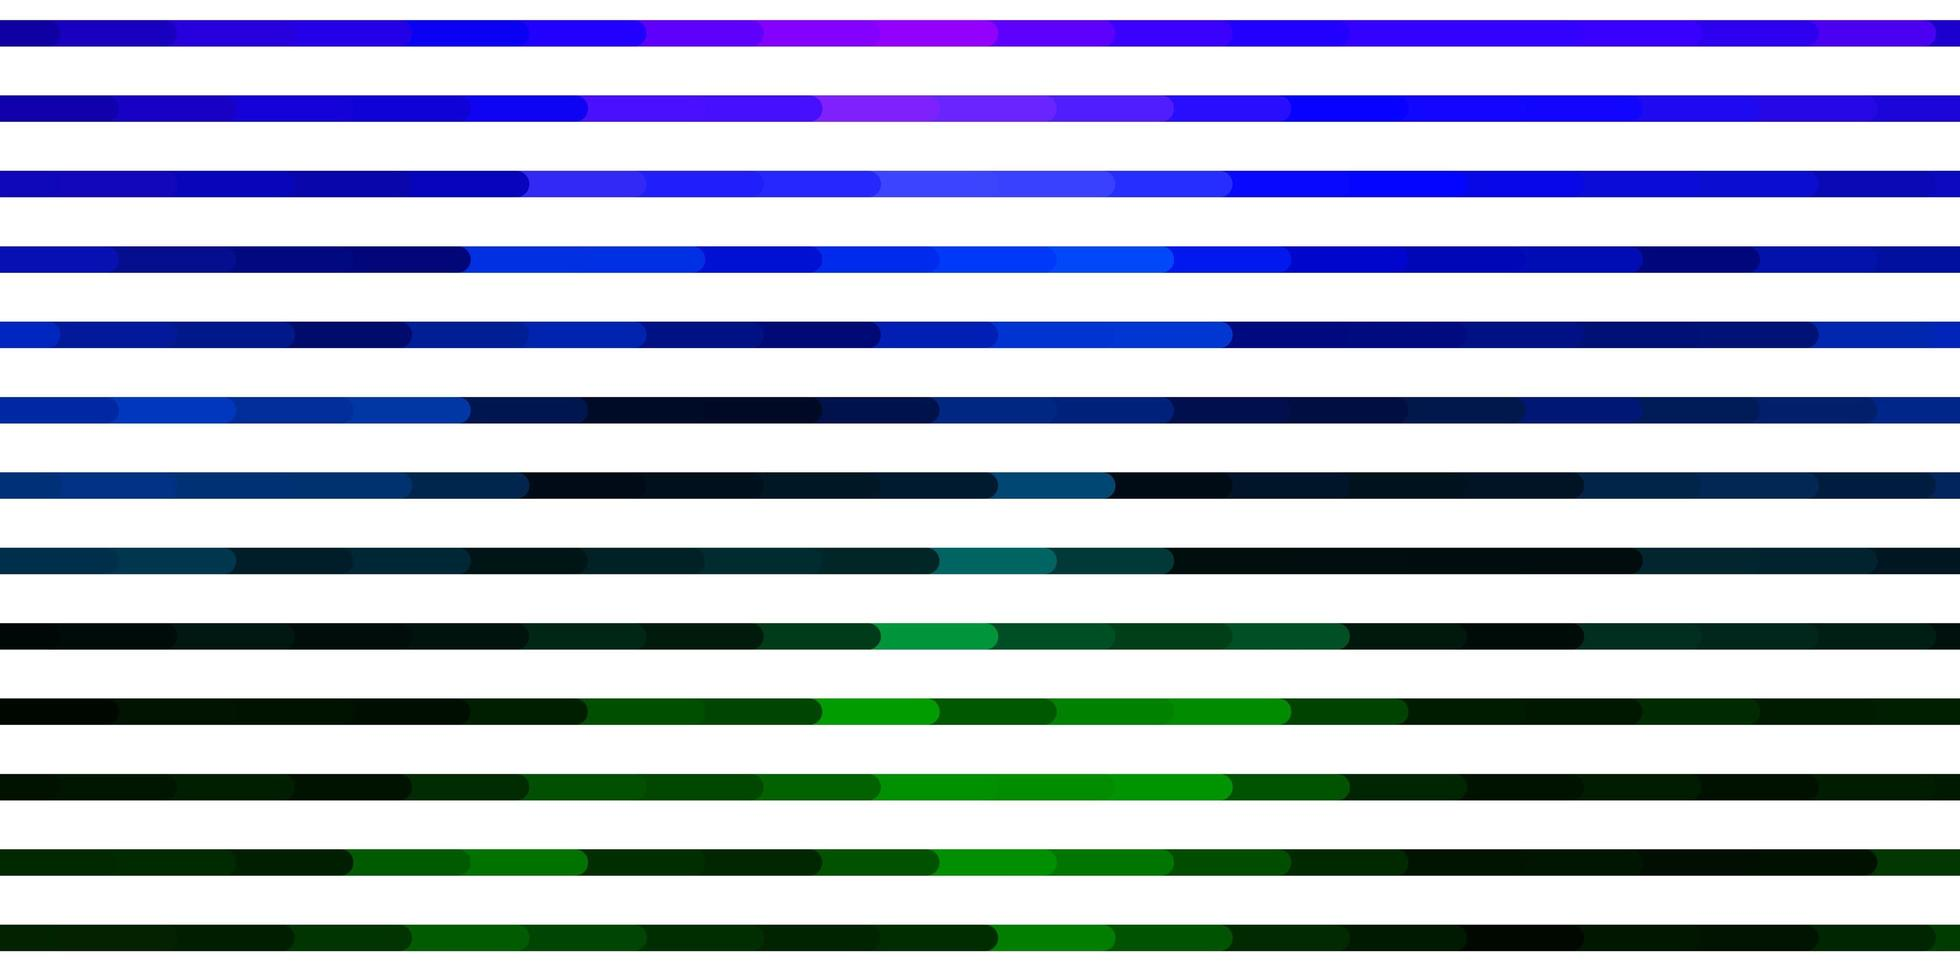 modèle vectoriel multicolore foncé avec des lignes.